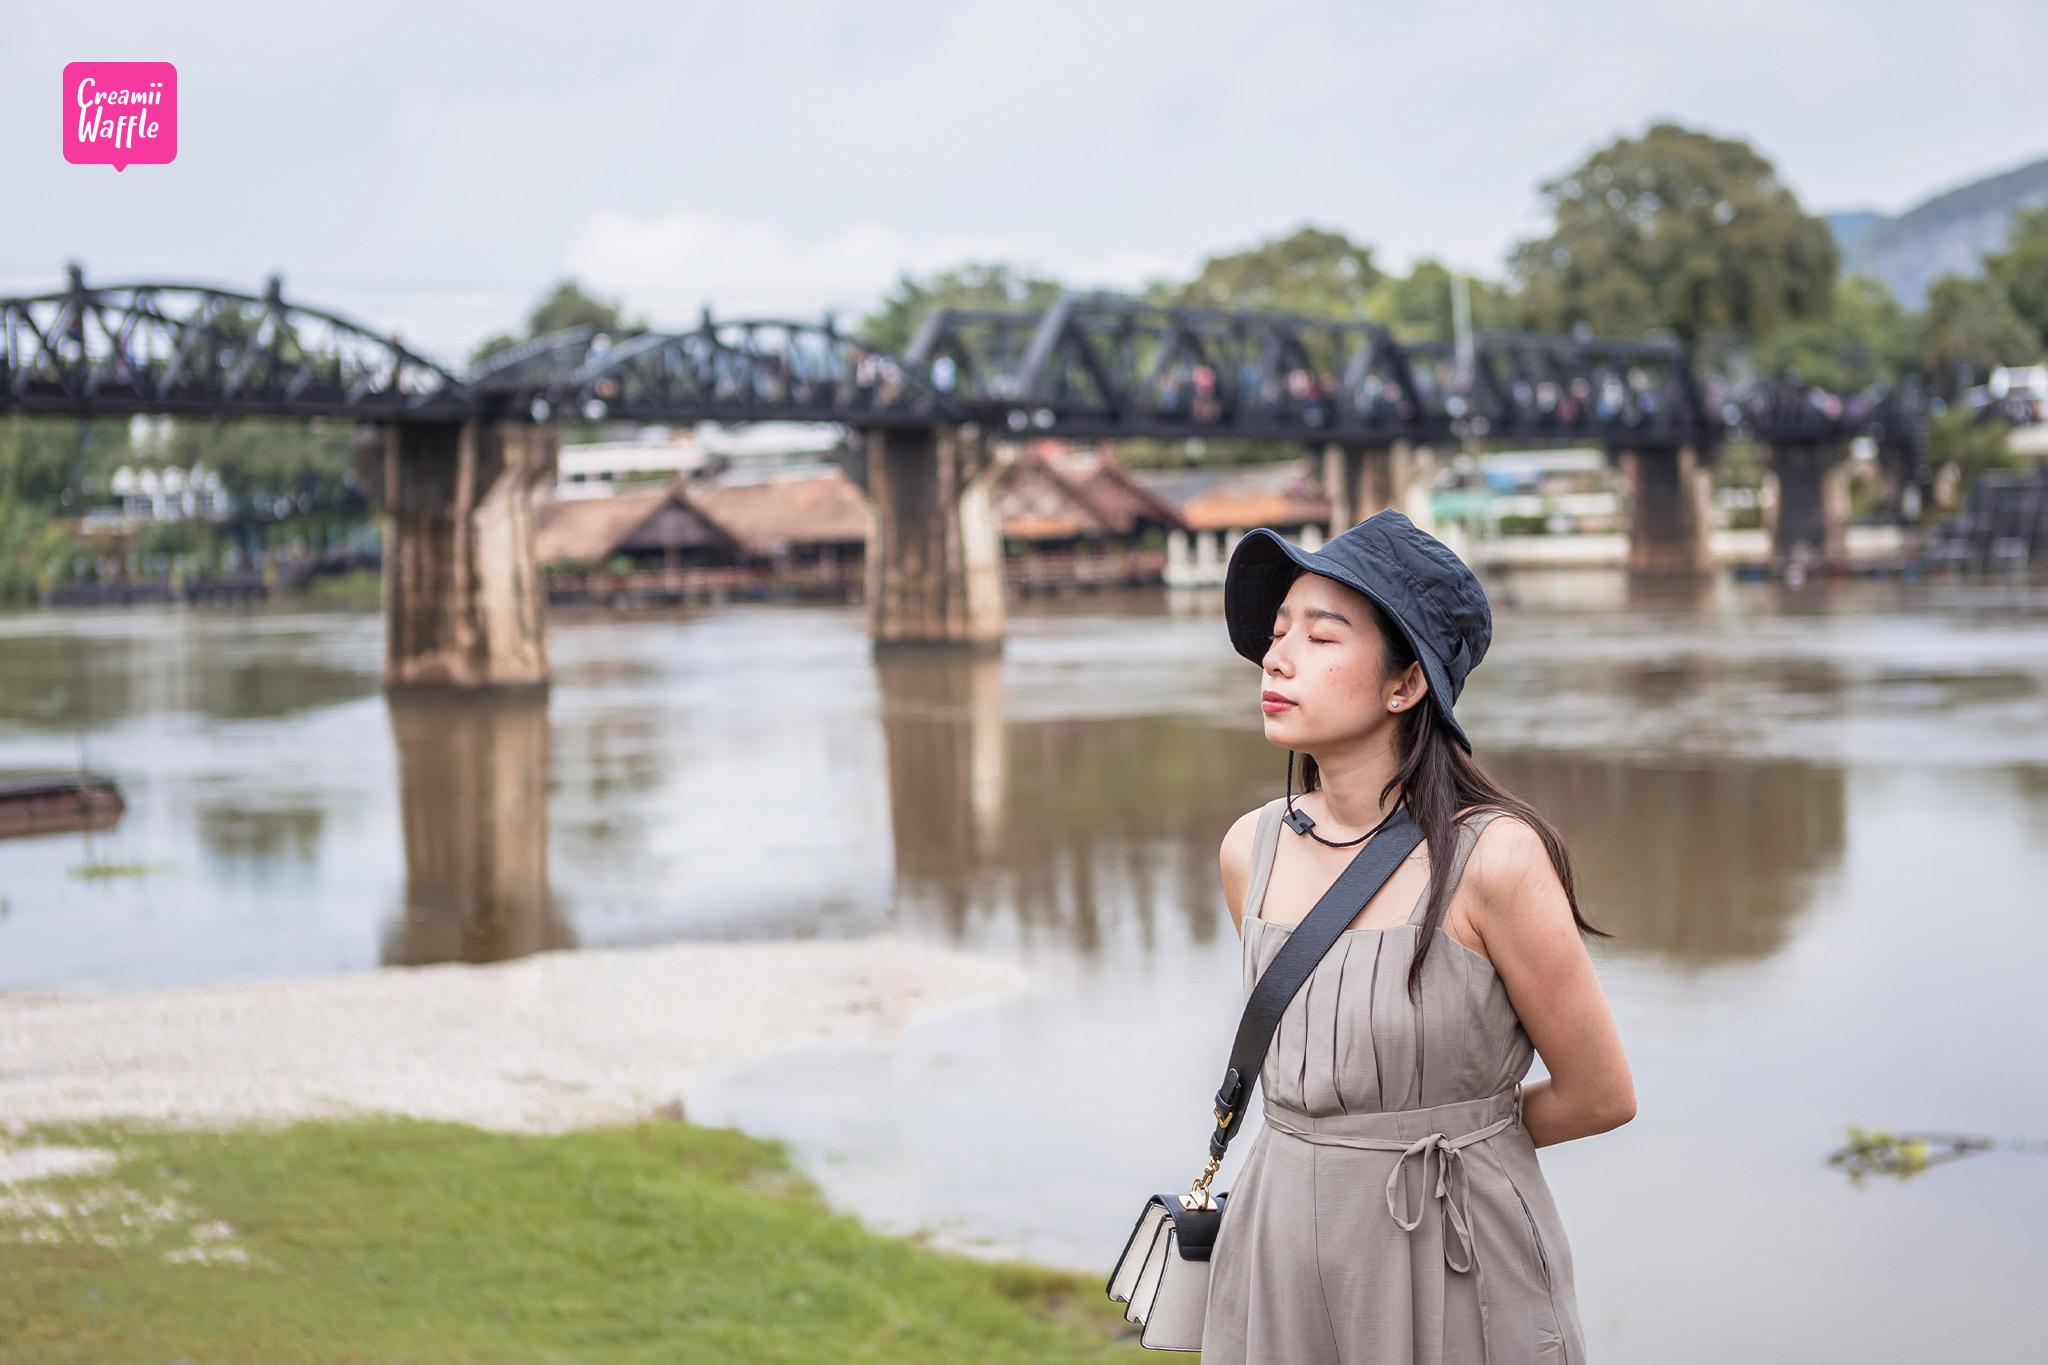 กาญจนบุรี สถานที่ท่องเที่ยว